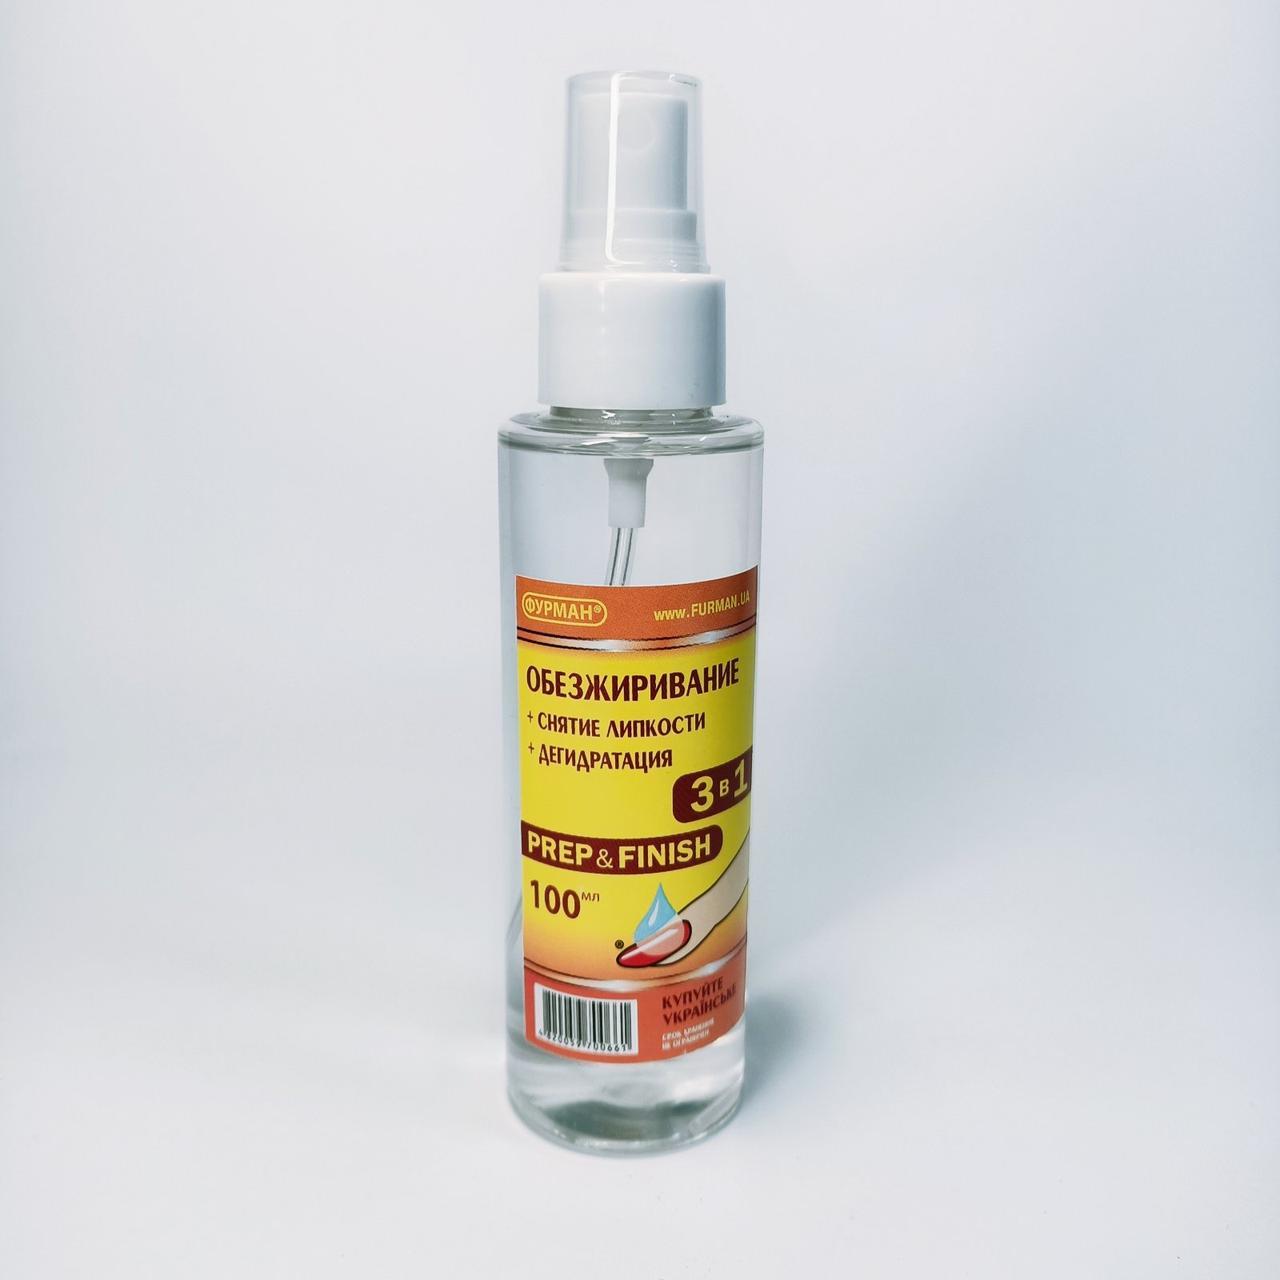 Жидкость для обезжиривания снятие липкости дегидратация Фурман 100 мл